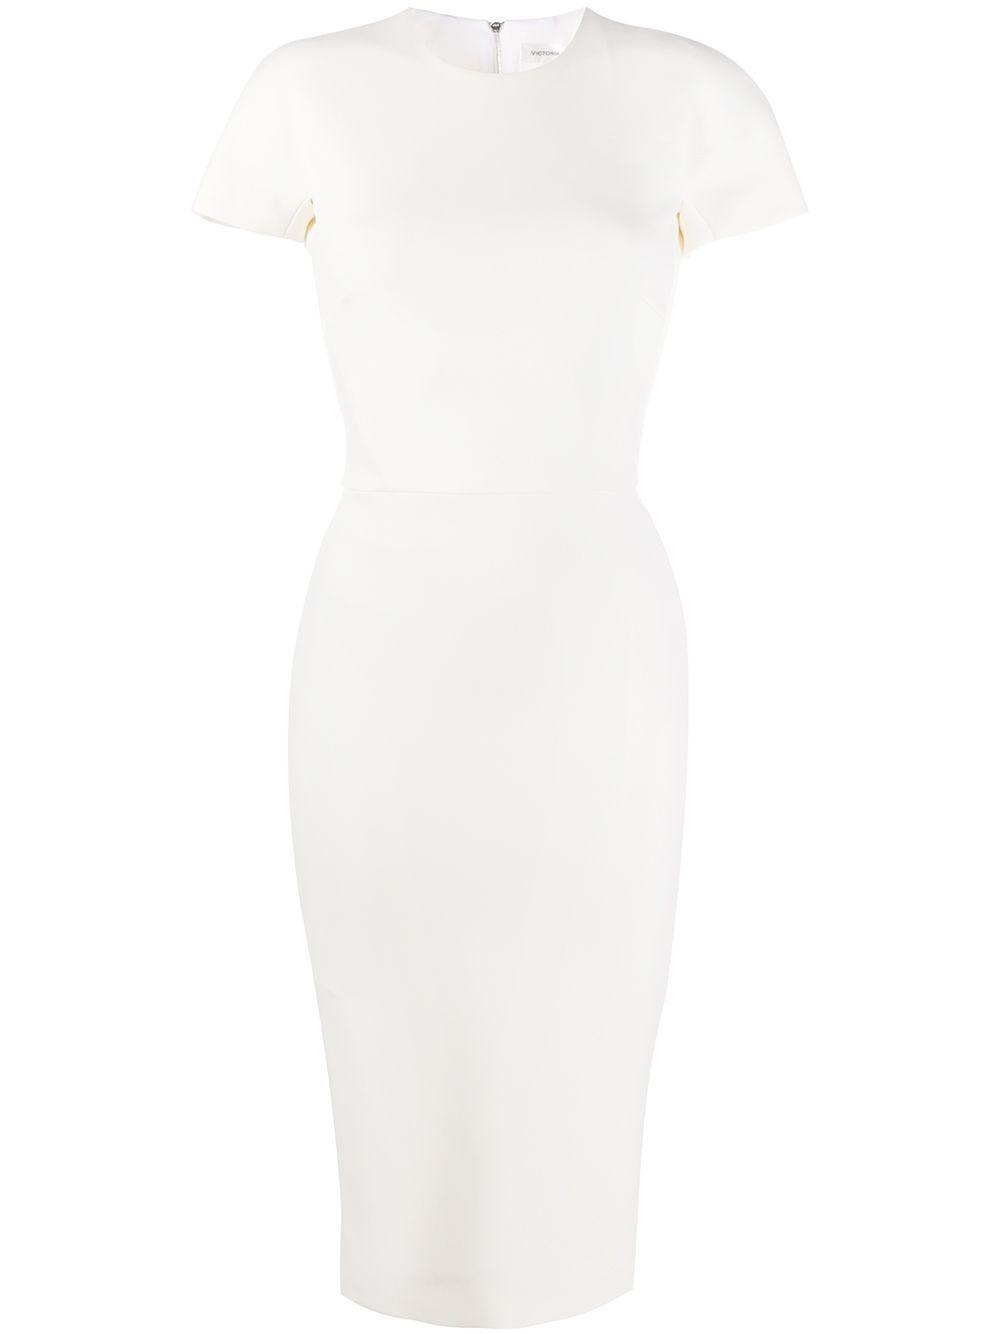 Victoria Beckham Cady Sheath Dress Farfetch Dresses Pretty Dresses Victoria Beckham [ 1334 x 1000 Pixel ]